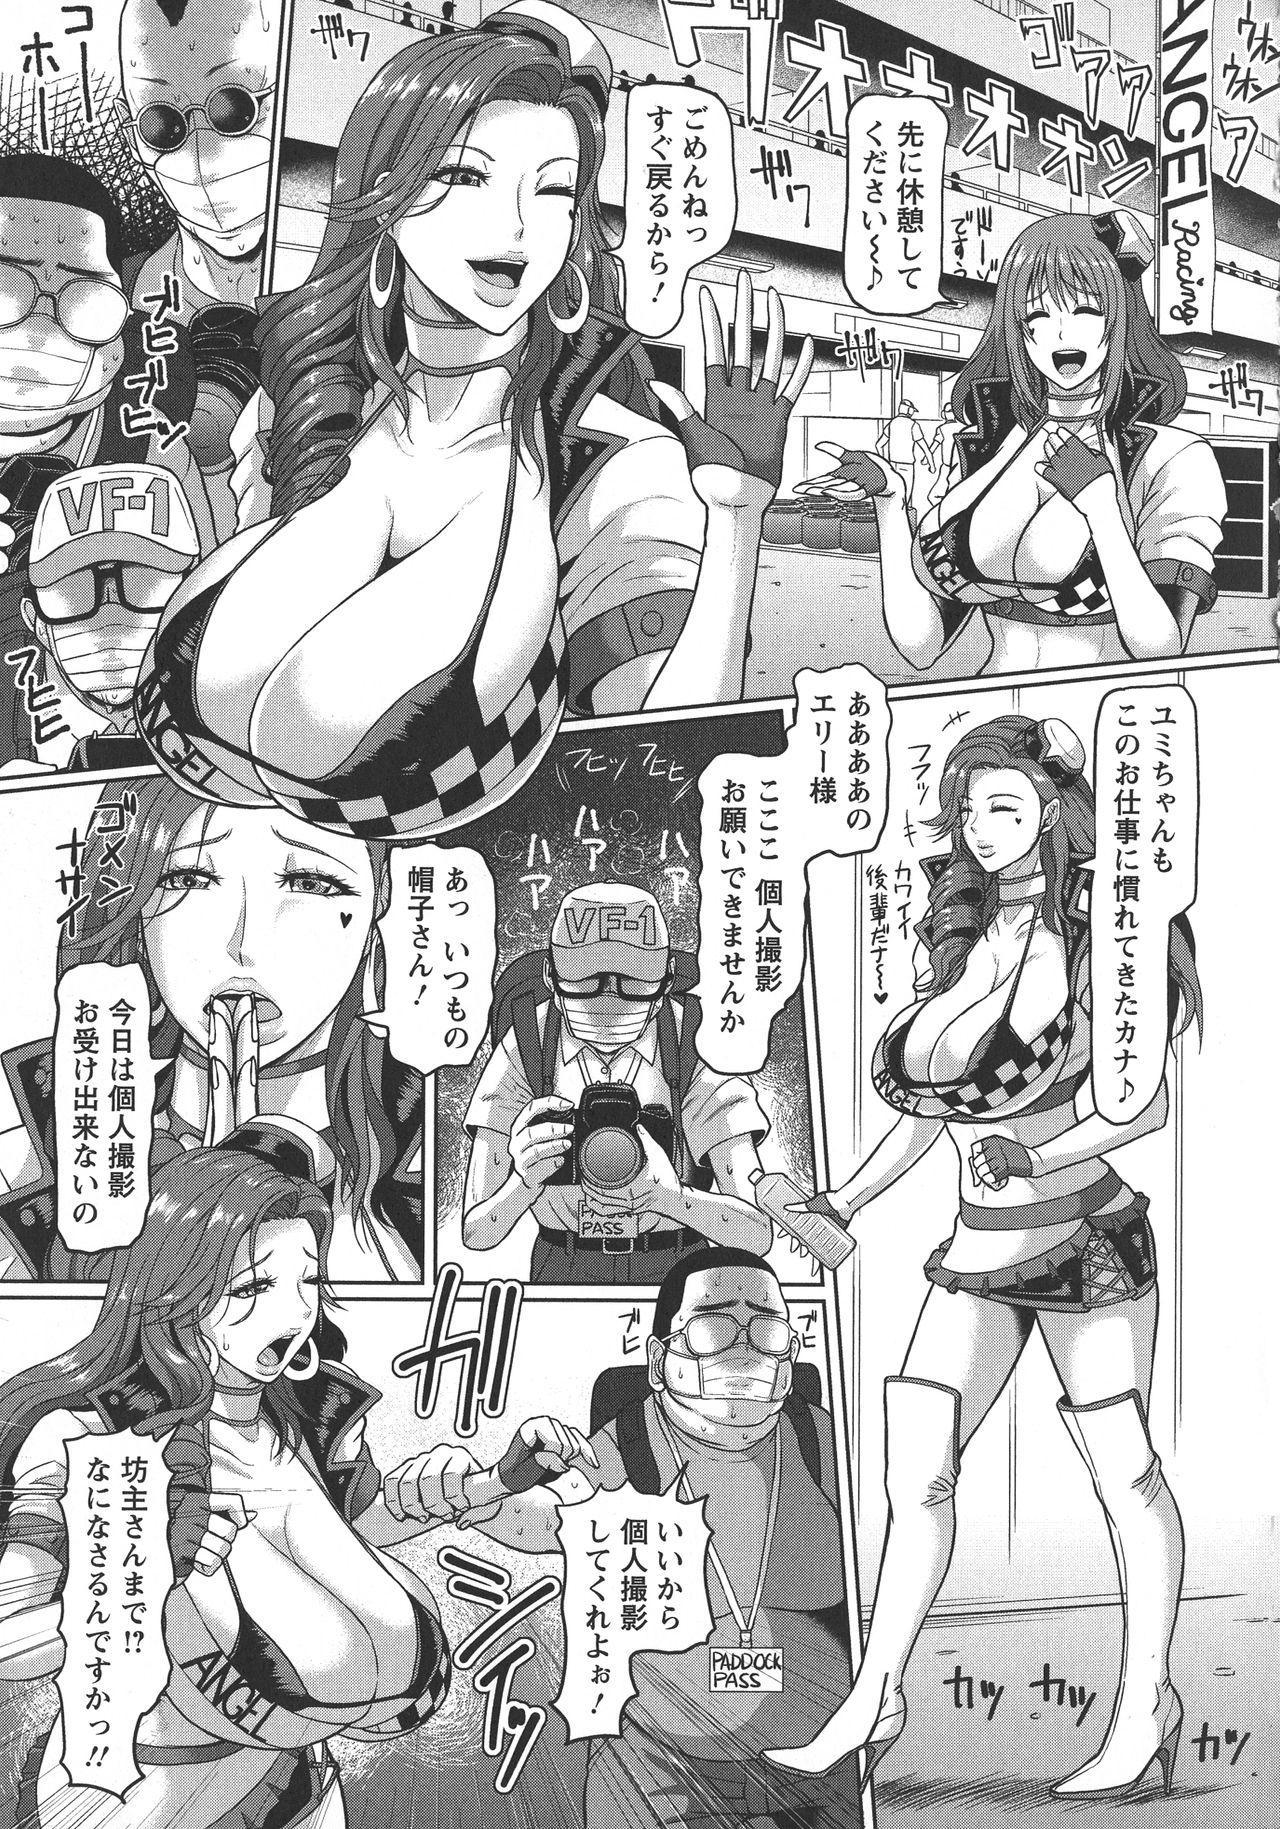 Mesujiru Shibori Nama! 71